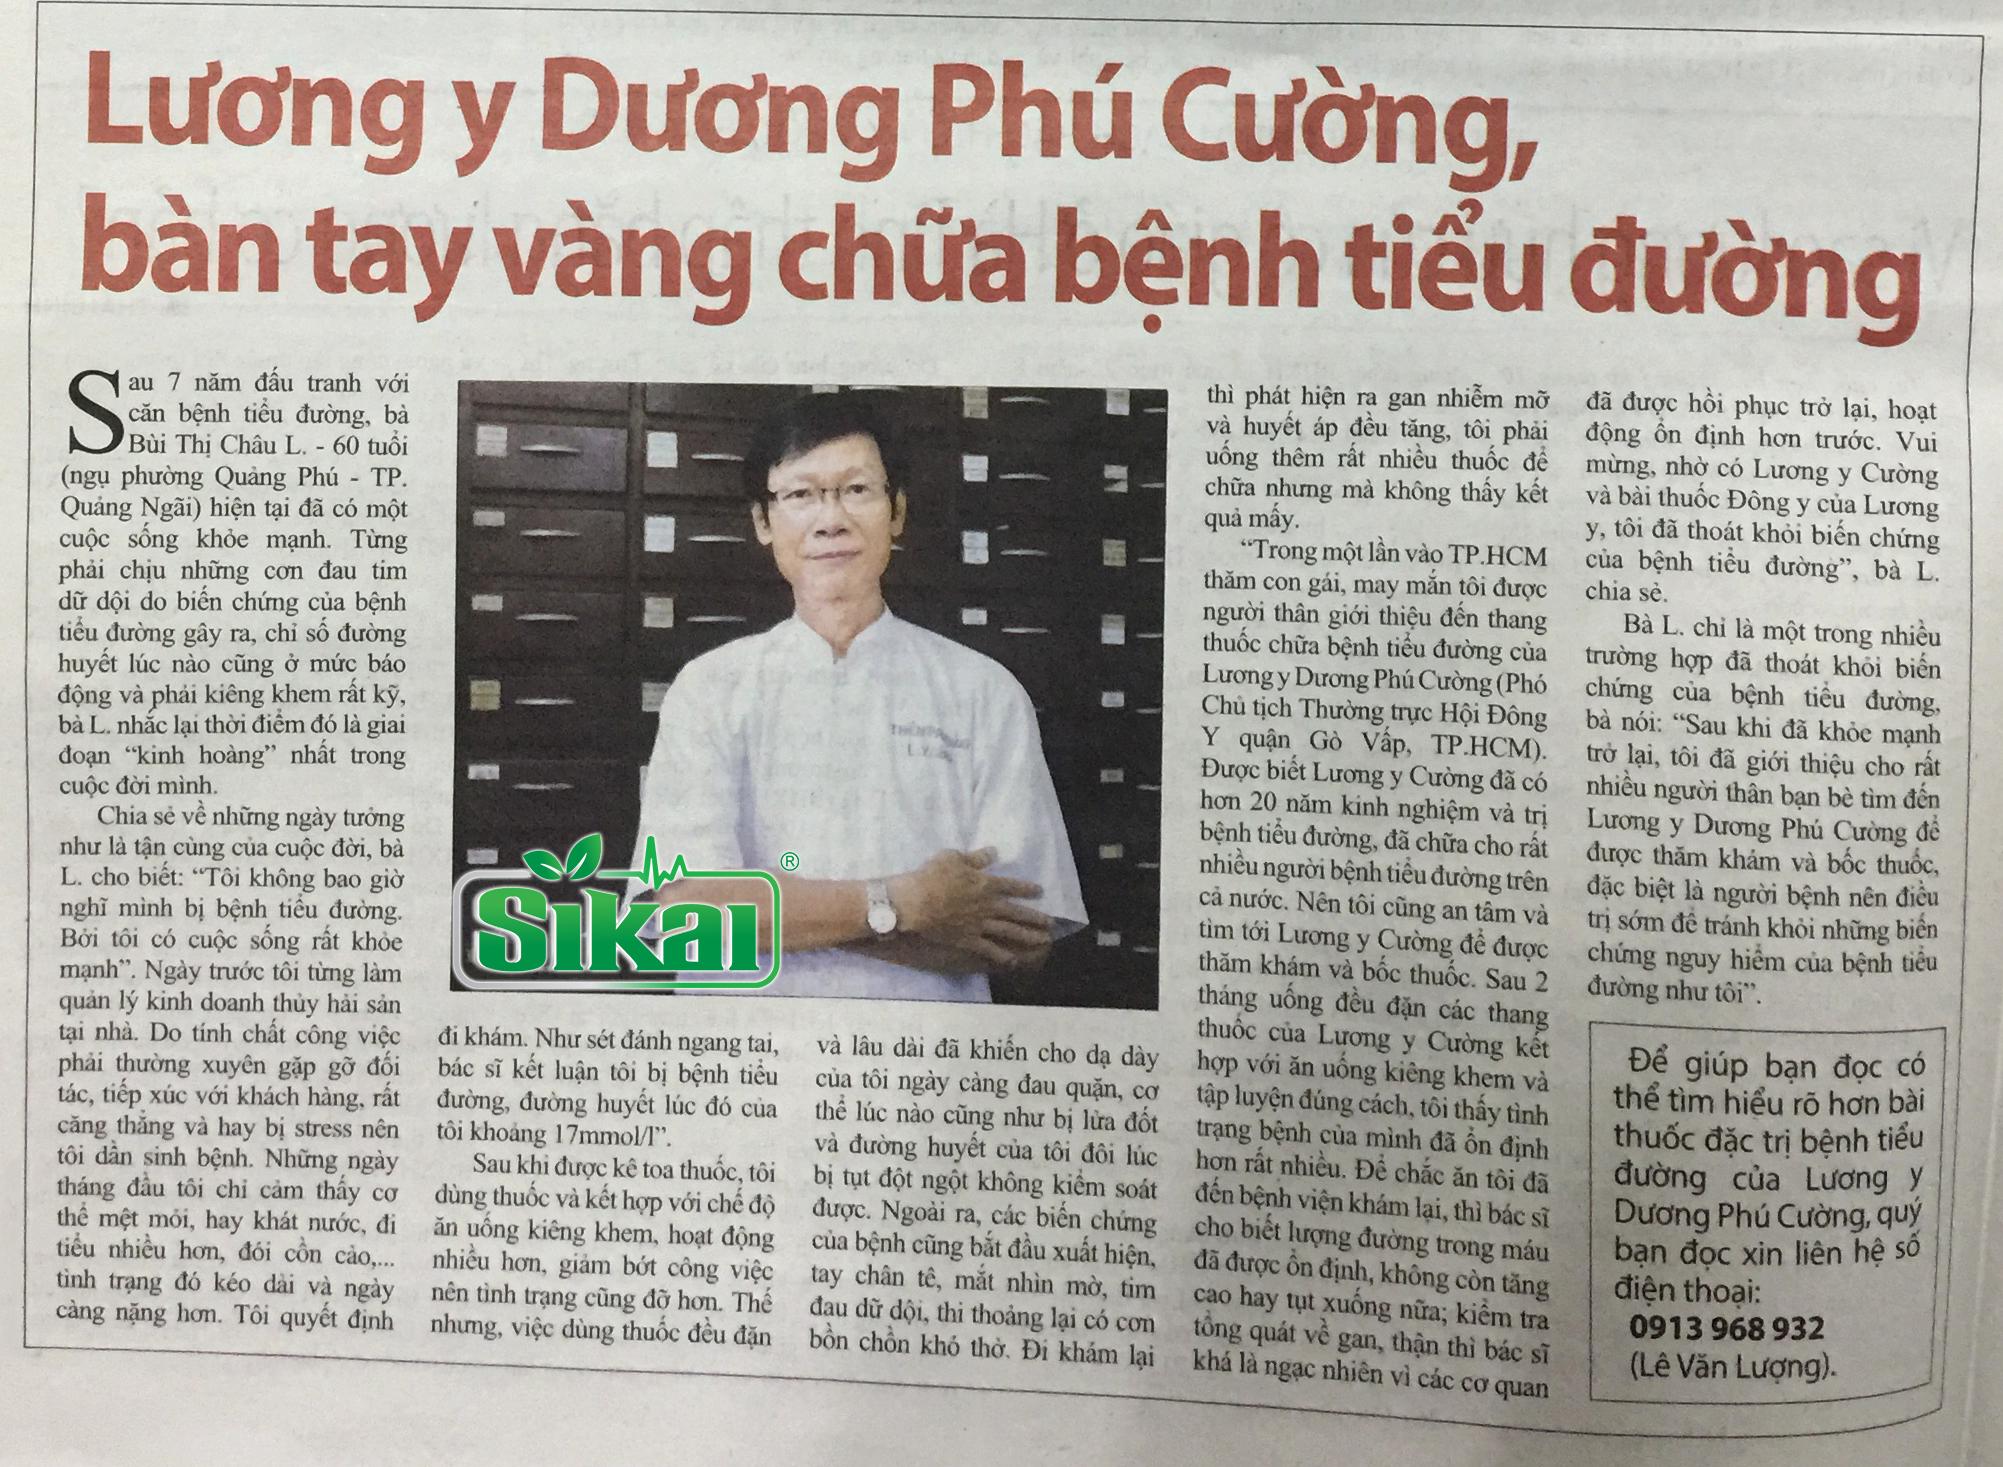 Lương Y Dương Phú Cường